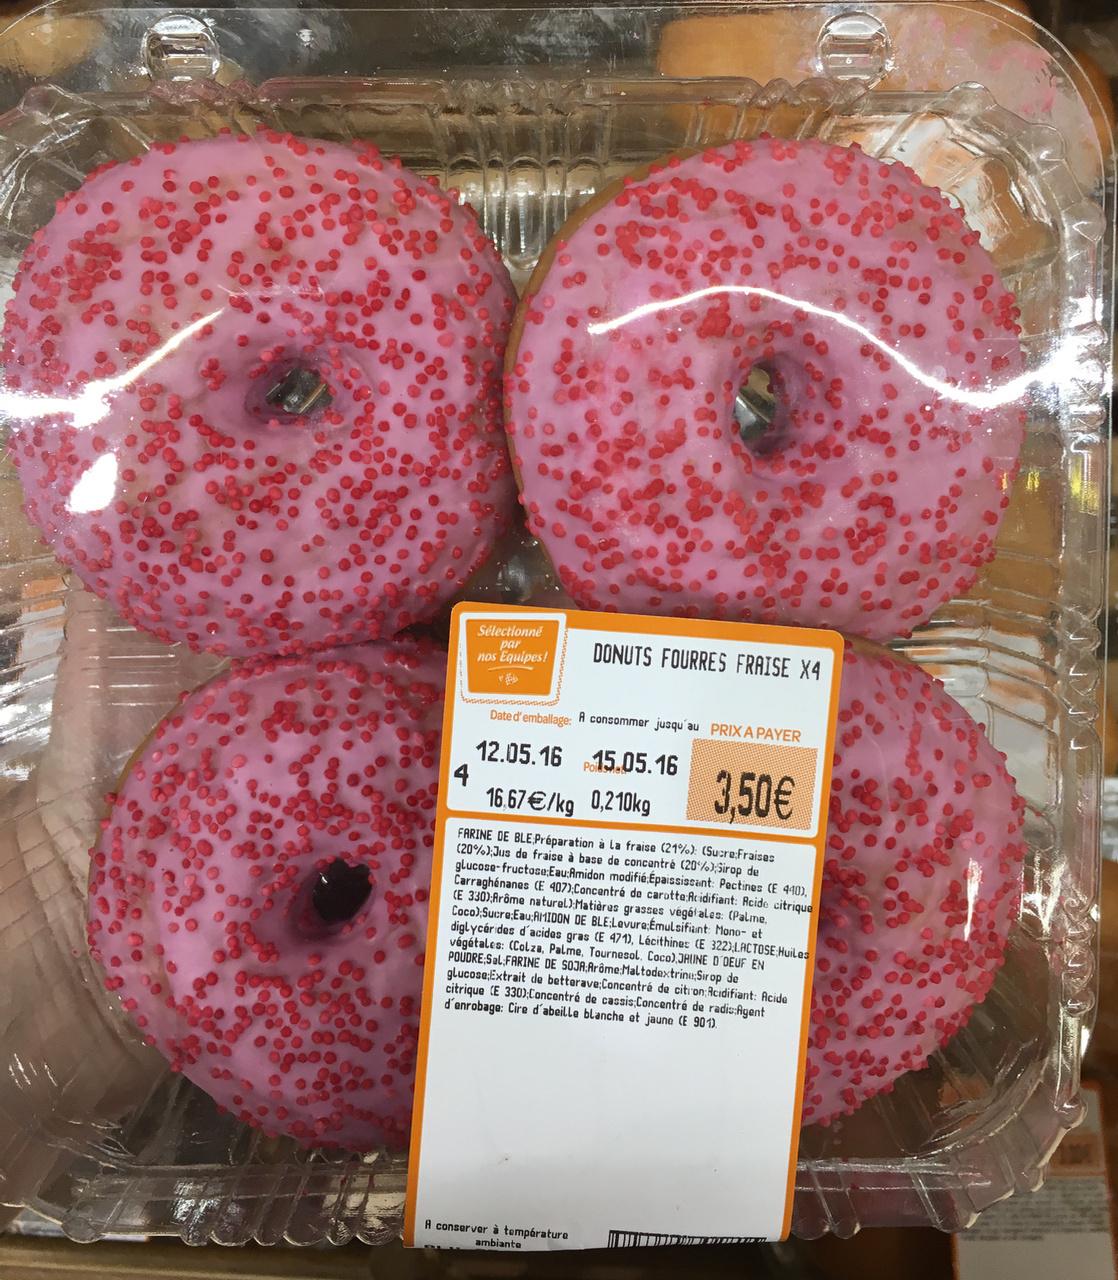 Donuts fourrés fraise - Product